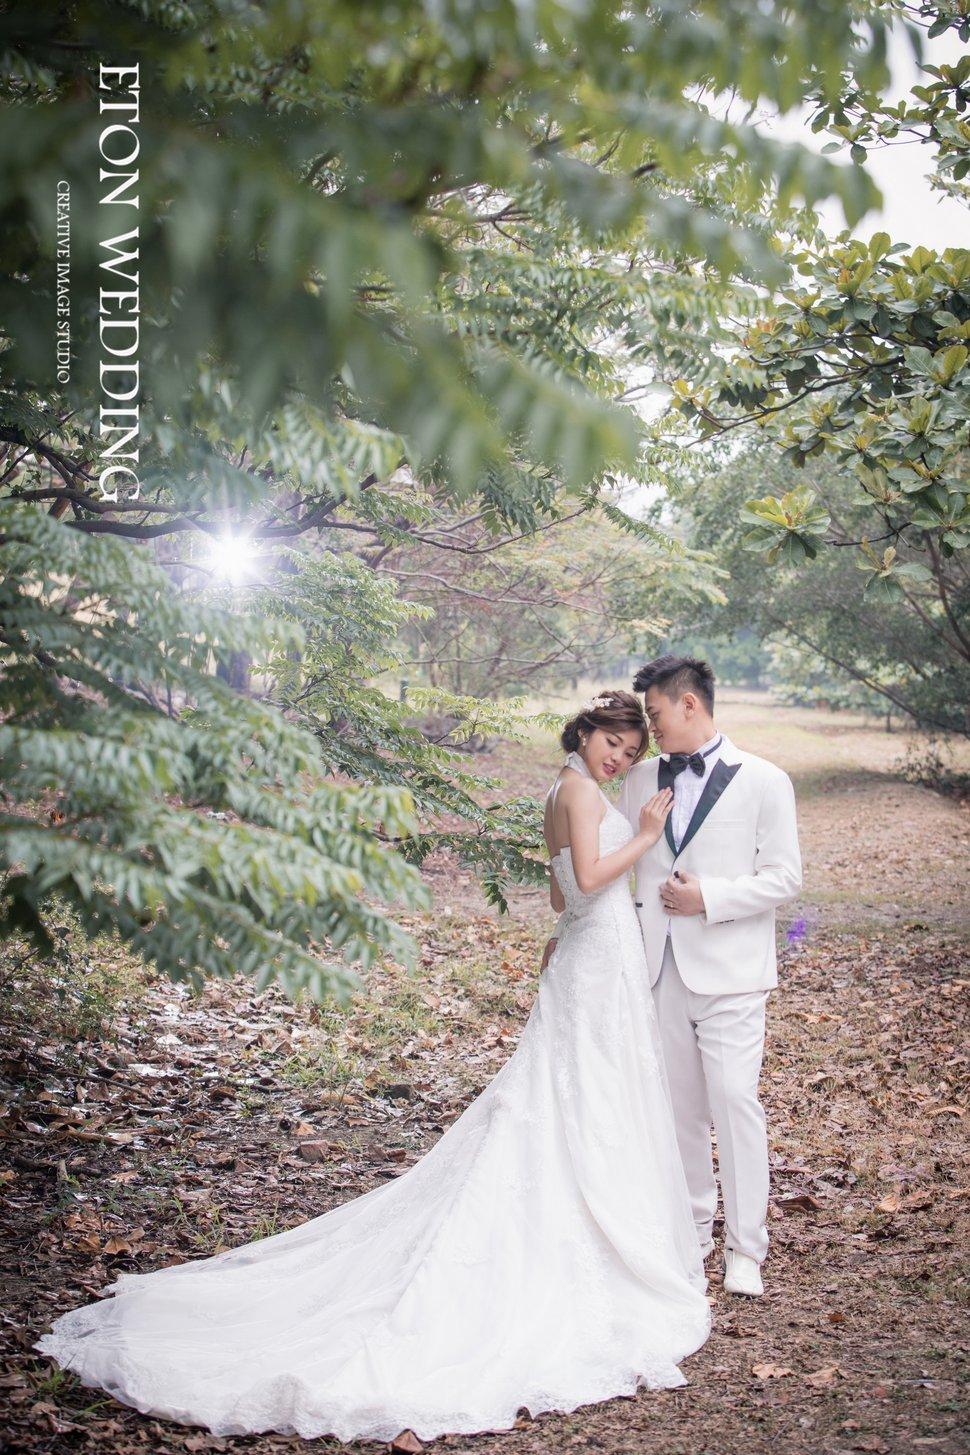 高雄婚紗,伊頓自助婚紗 (9) - 伊頓自助婚紗攝影工作室(高雄創始店)《結婚吧》